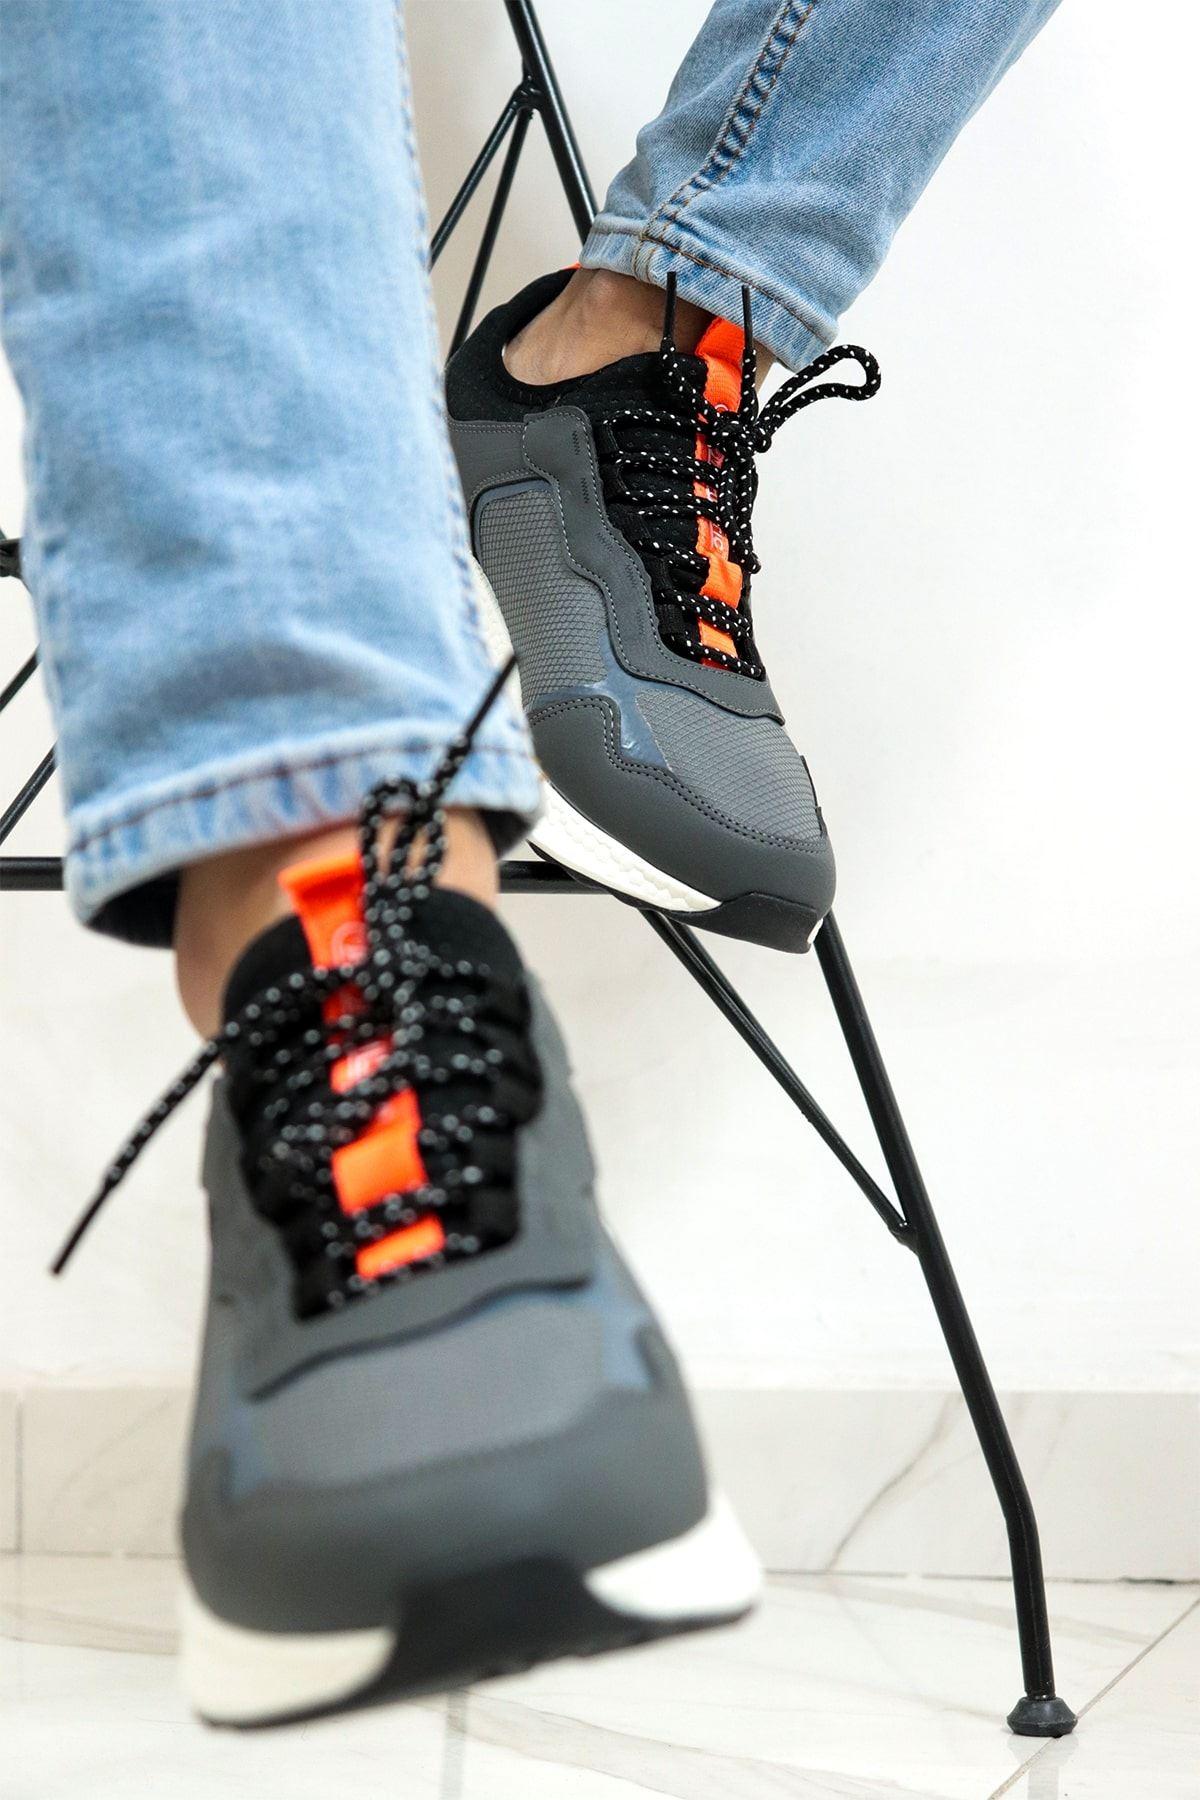 Jump - 24699 Gri Erkek Spor Ayakkabısı